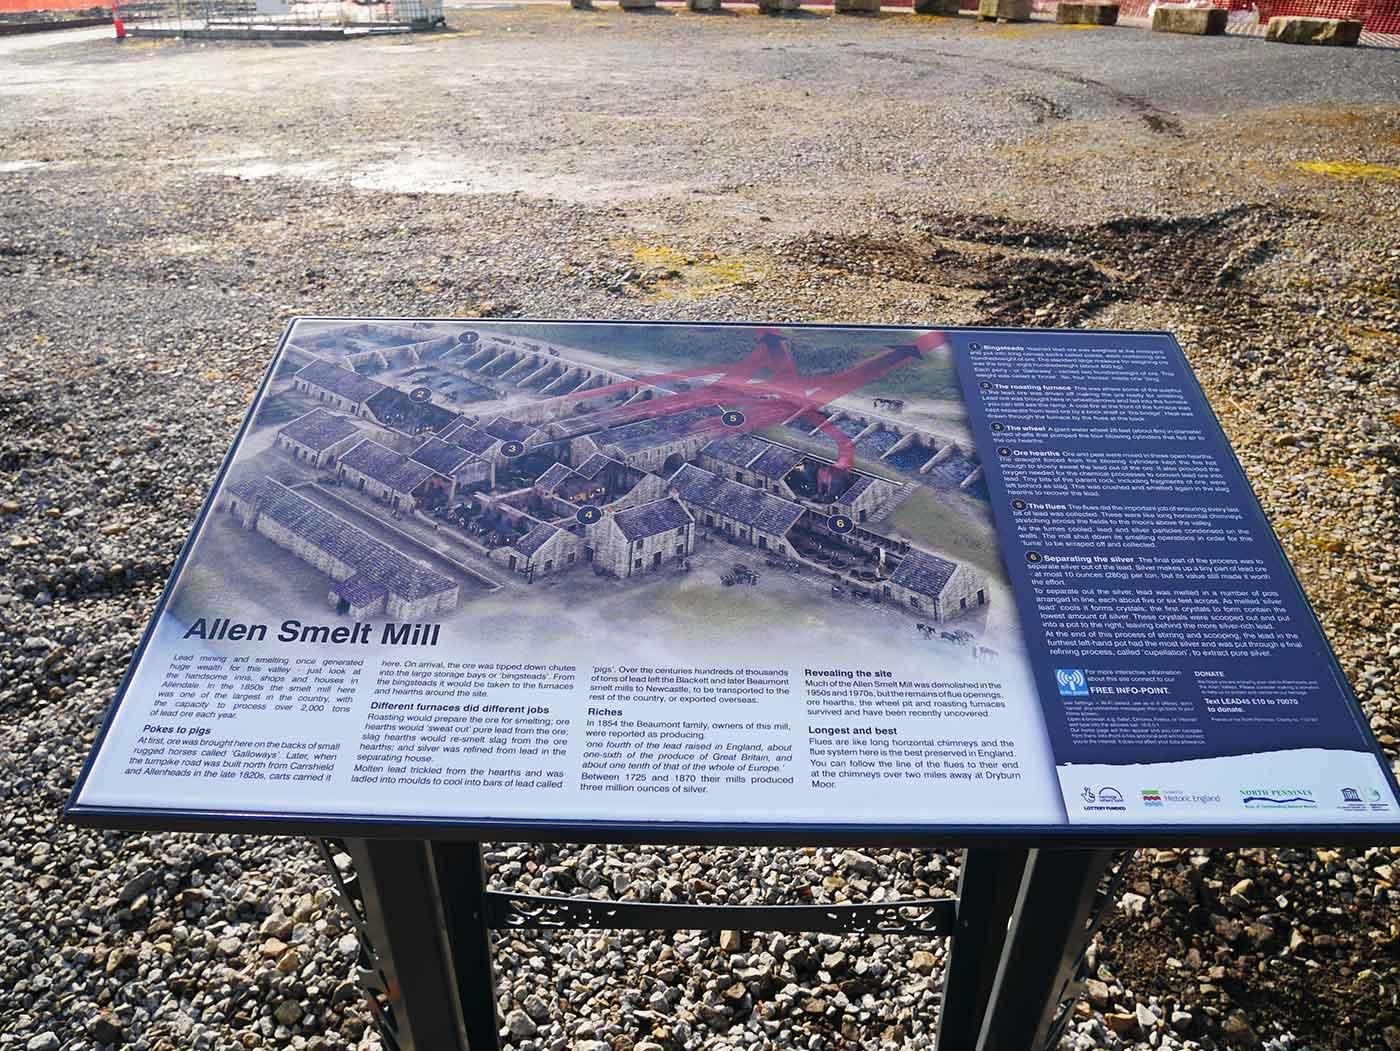 Allendale-smelt-mill-panel-3.jpg